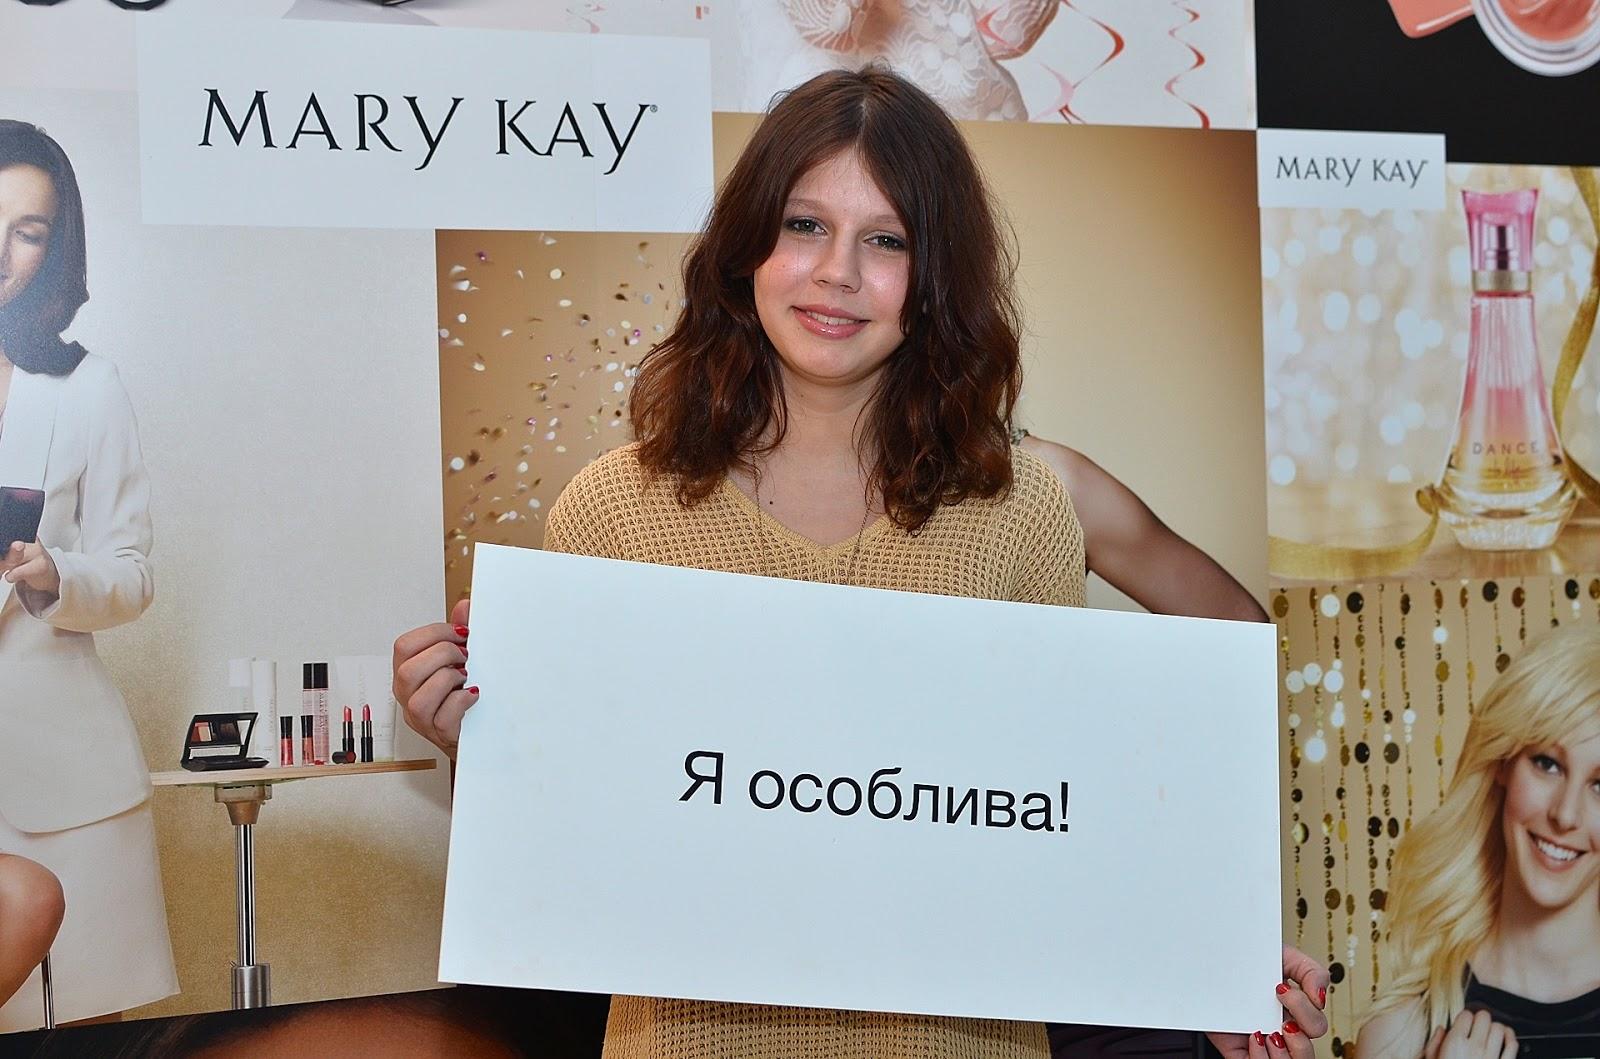 pyatdesyat-muzhikov-konchili-v-rot-telke